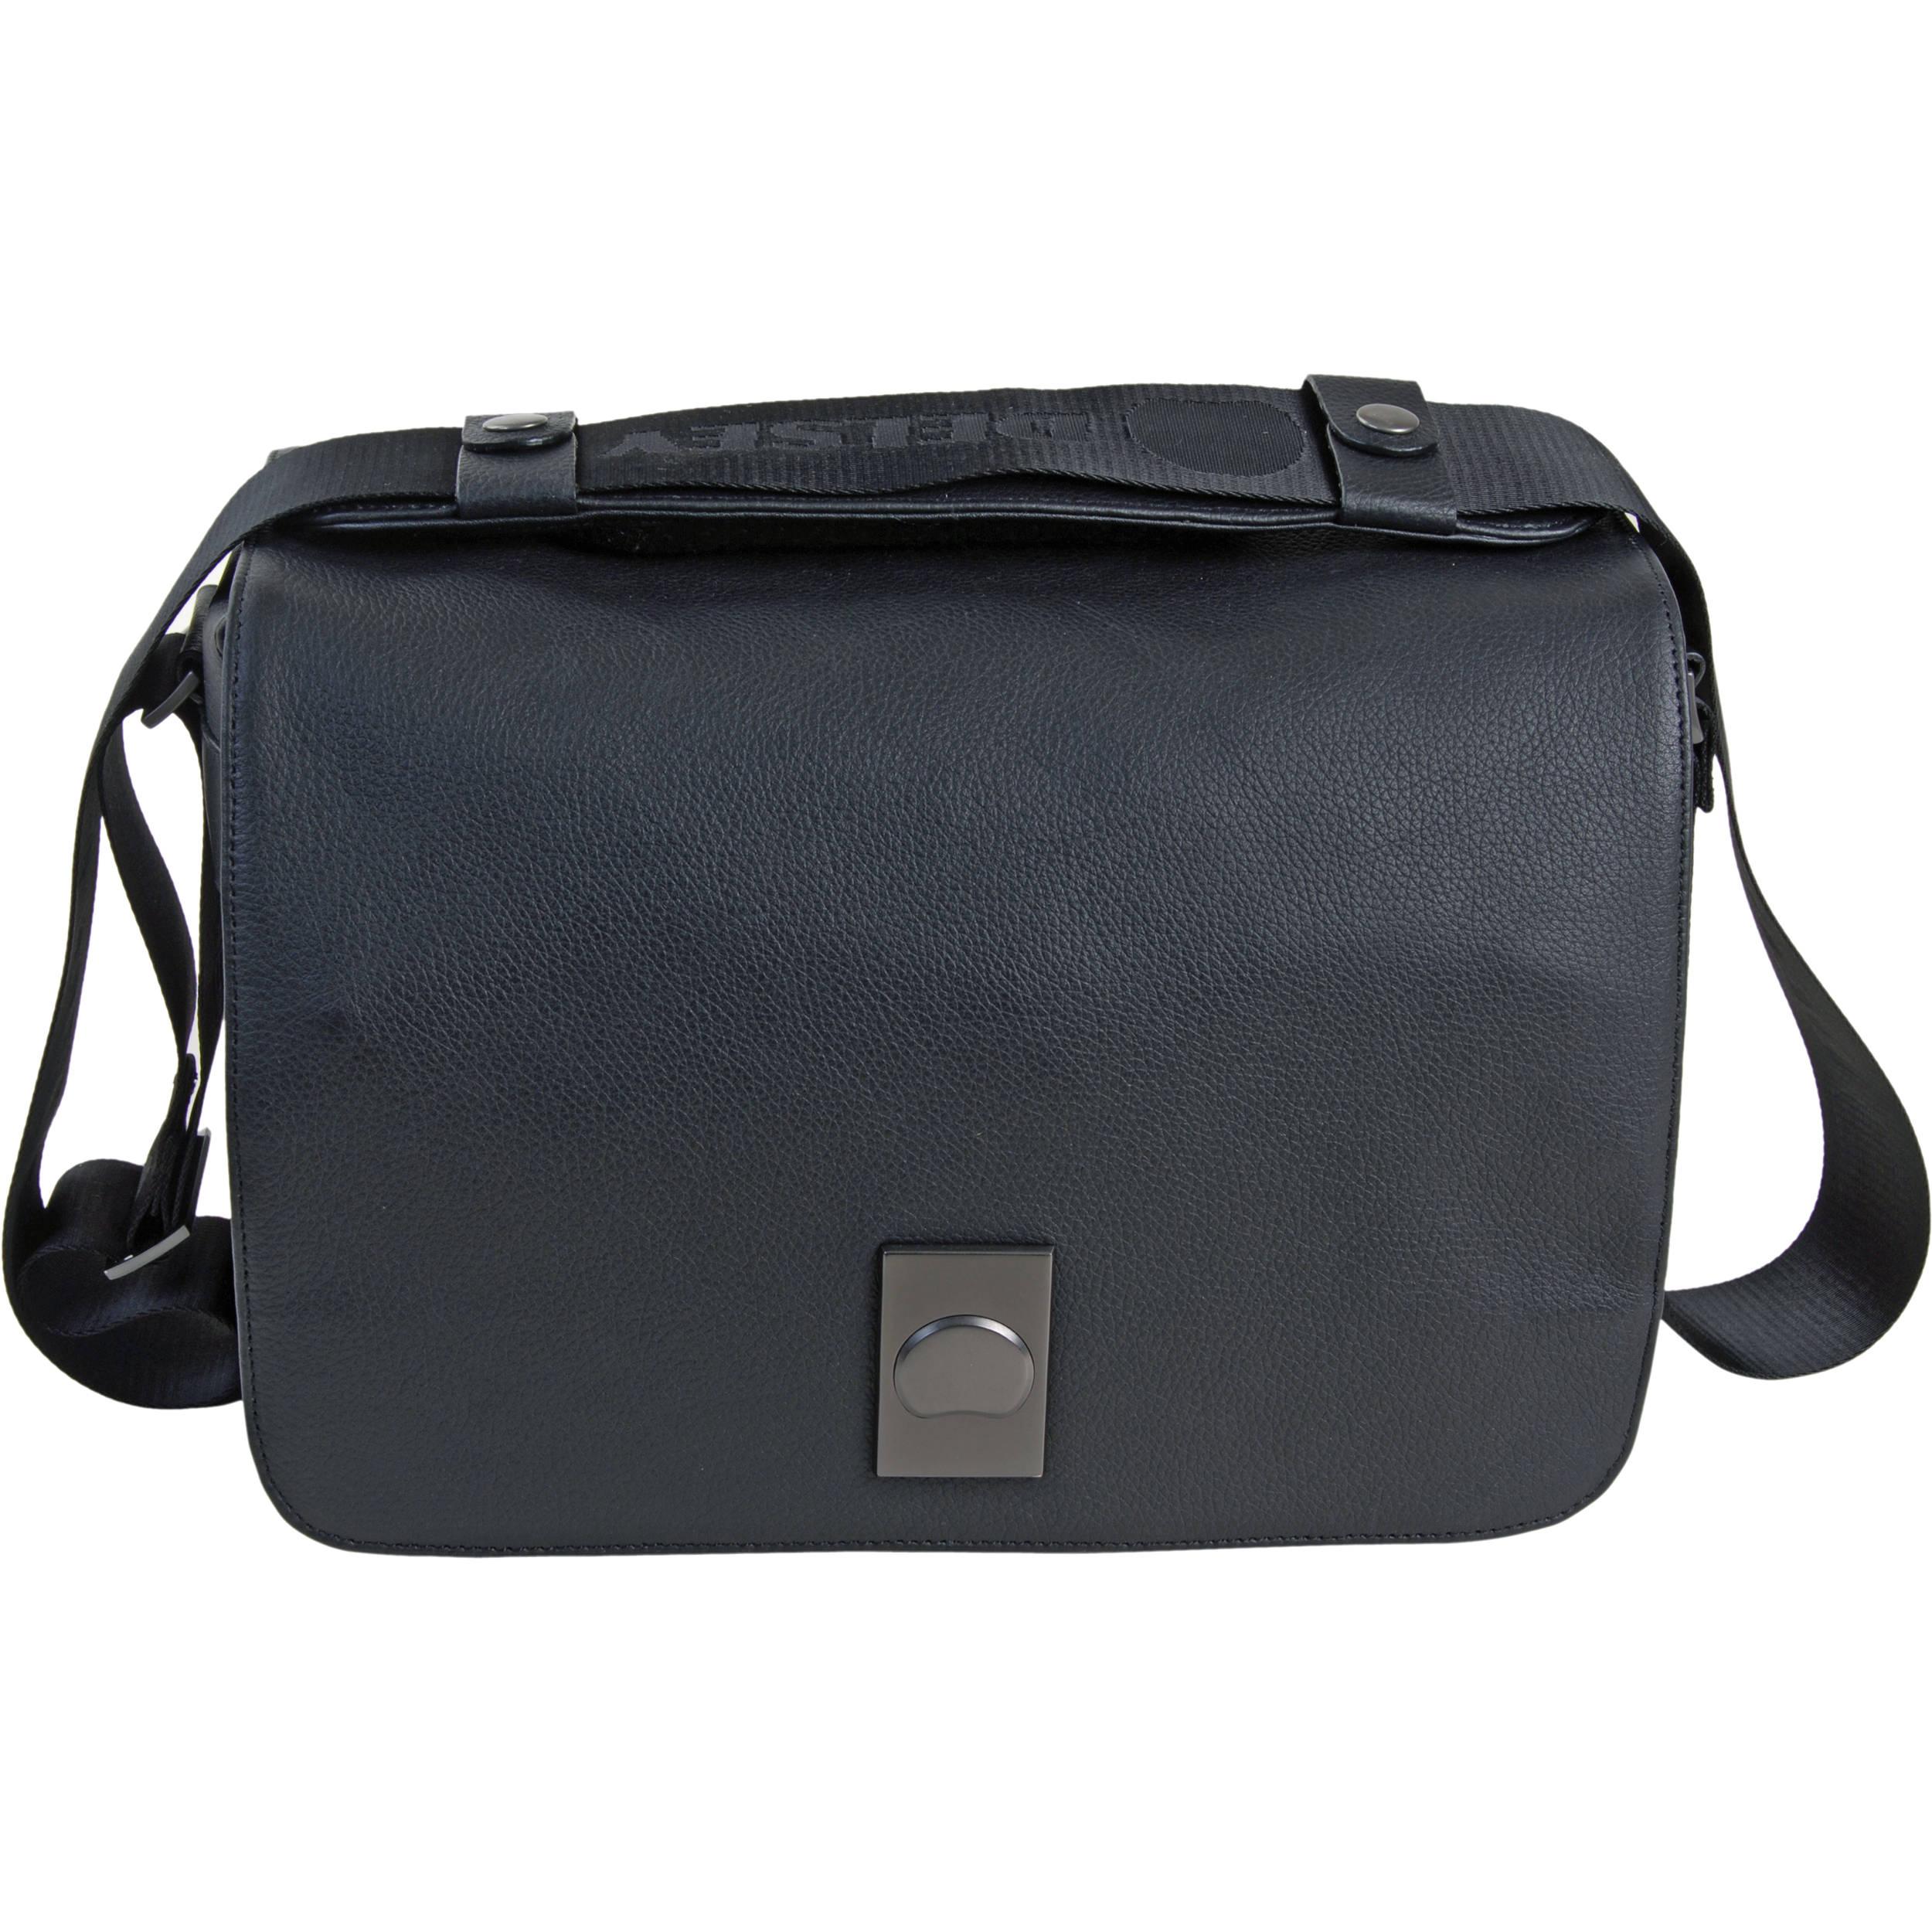 Delsey Corium 5 Shoulder Bag Black